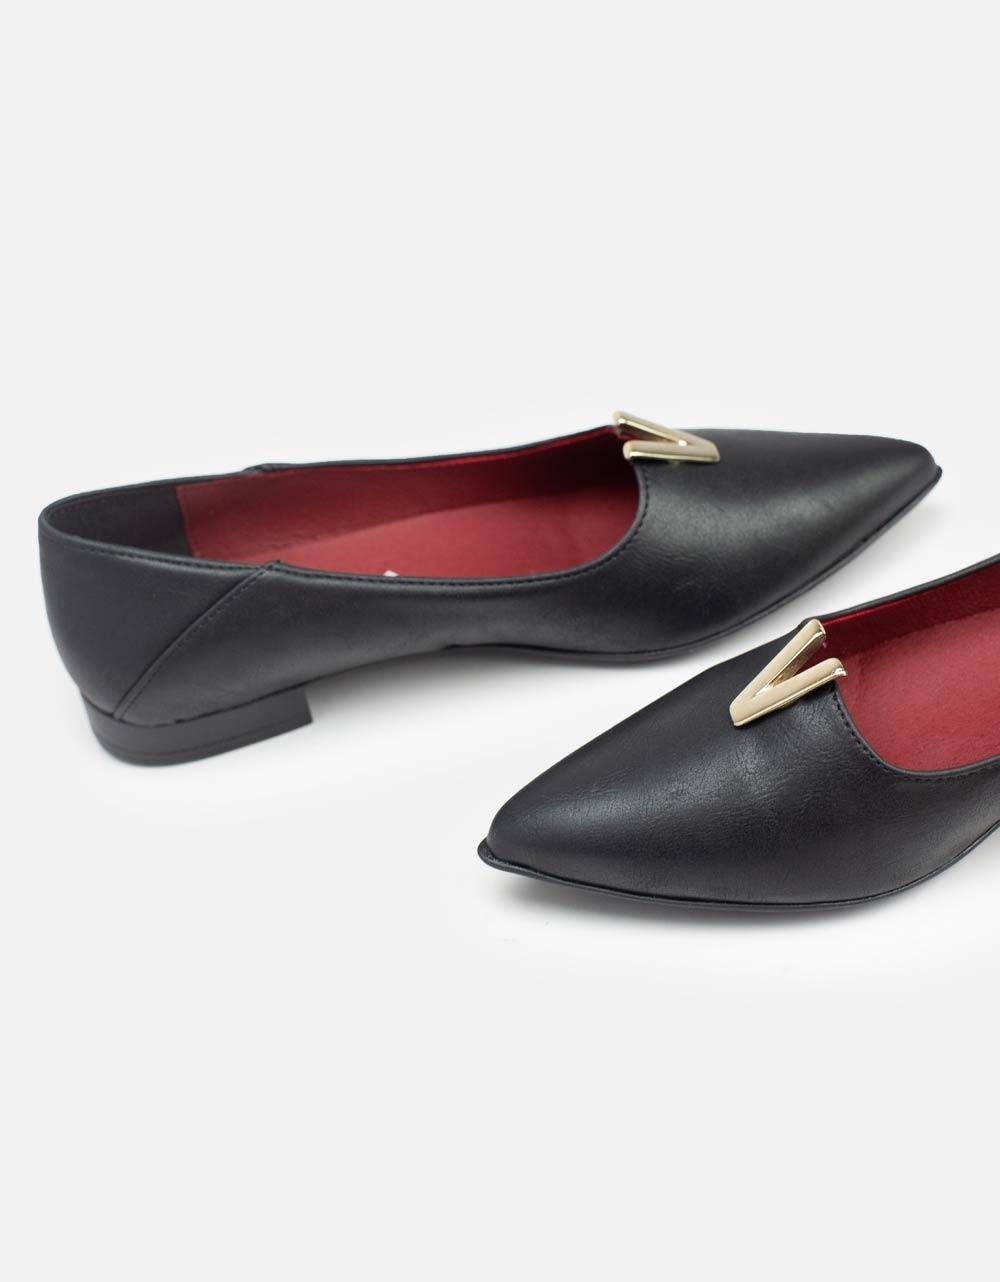 Εικόνα από Γυναικεία loafers φλατ μυτερά με V αγκράφα Μαύρο